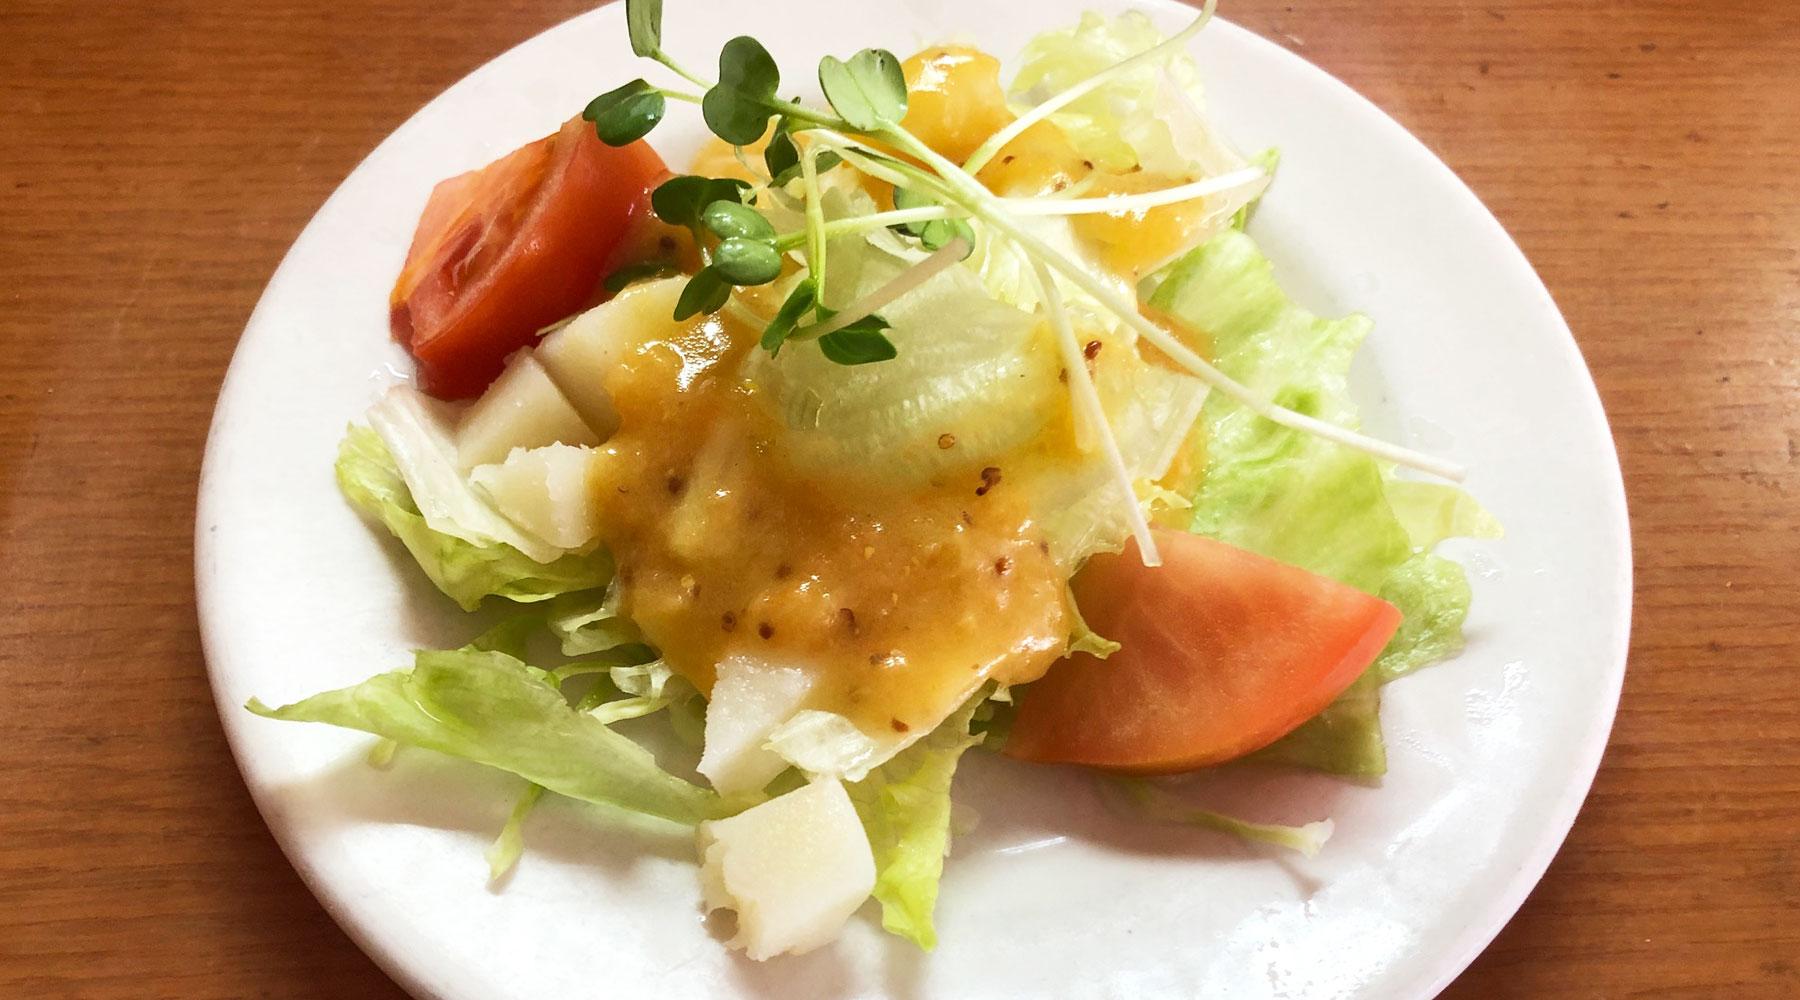 浦和のHASHIYA系、スパゲティPINOのミニサラダ